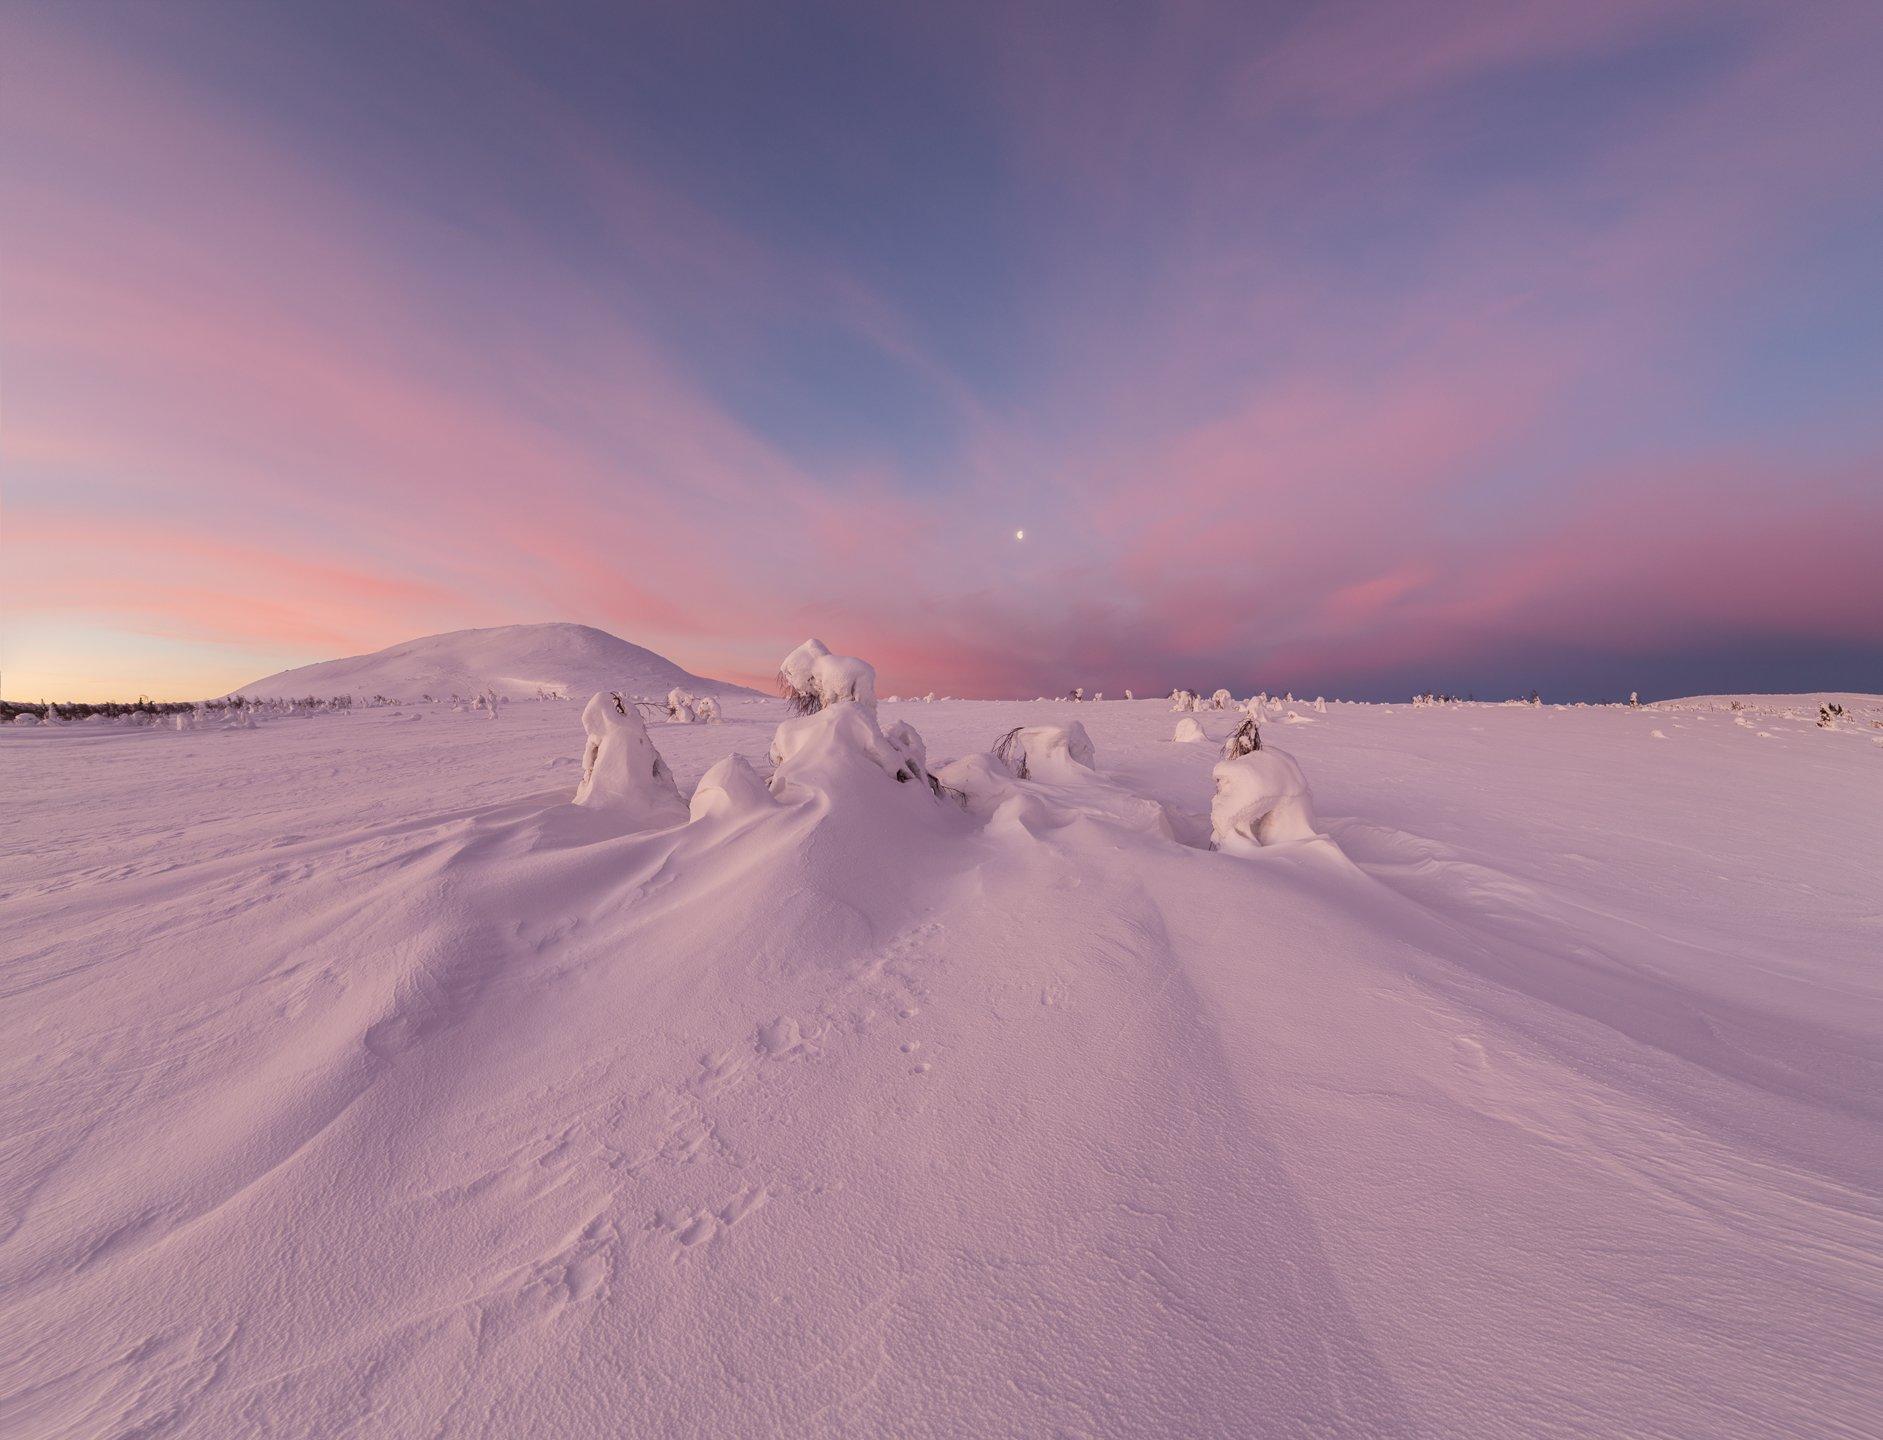 зима, горы, урал, деревья, снег, фактура, небо, облака, луна, рассвет, заря, антон селезнев, Антон Селезнев